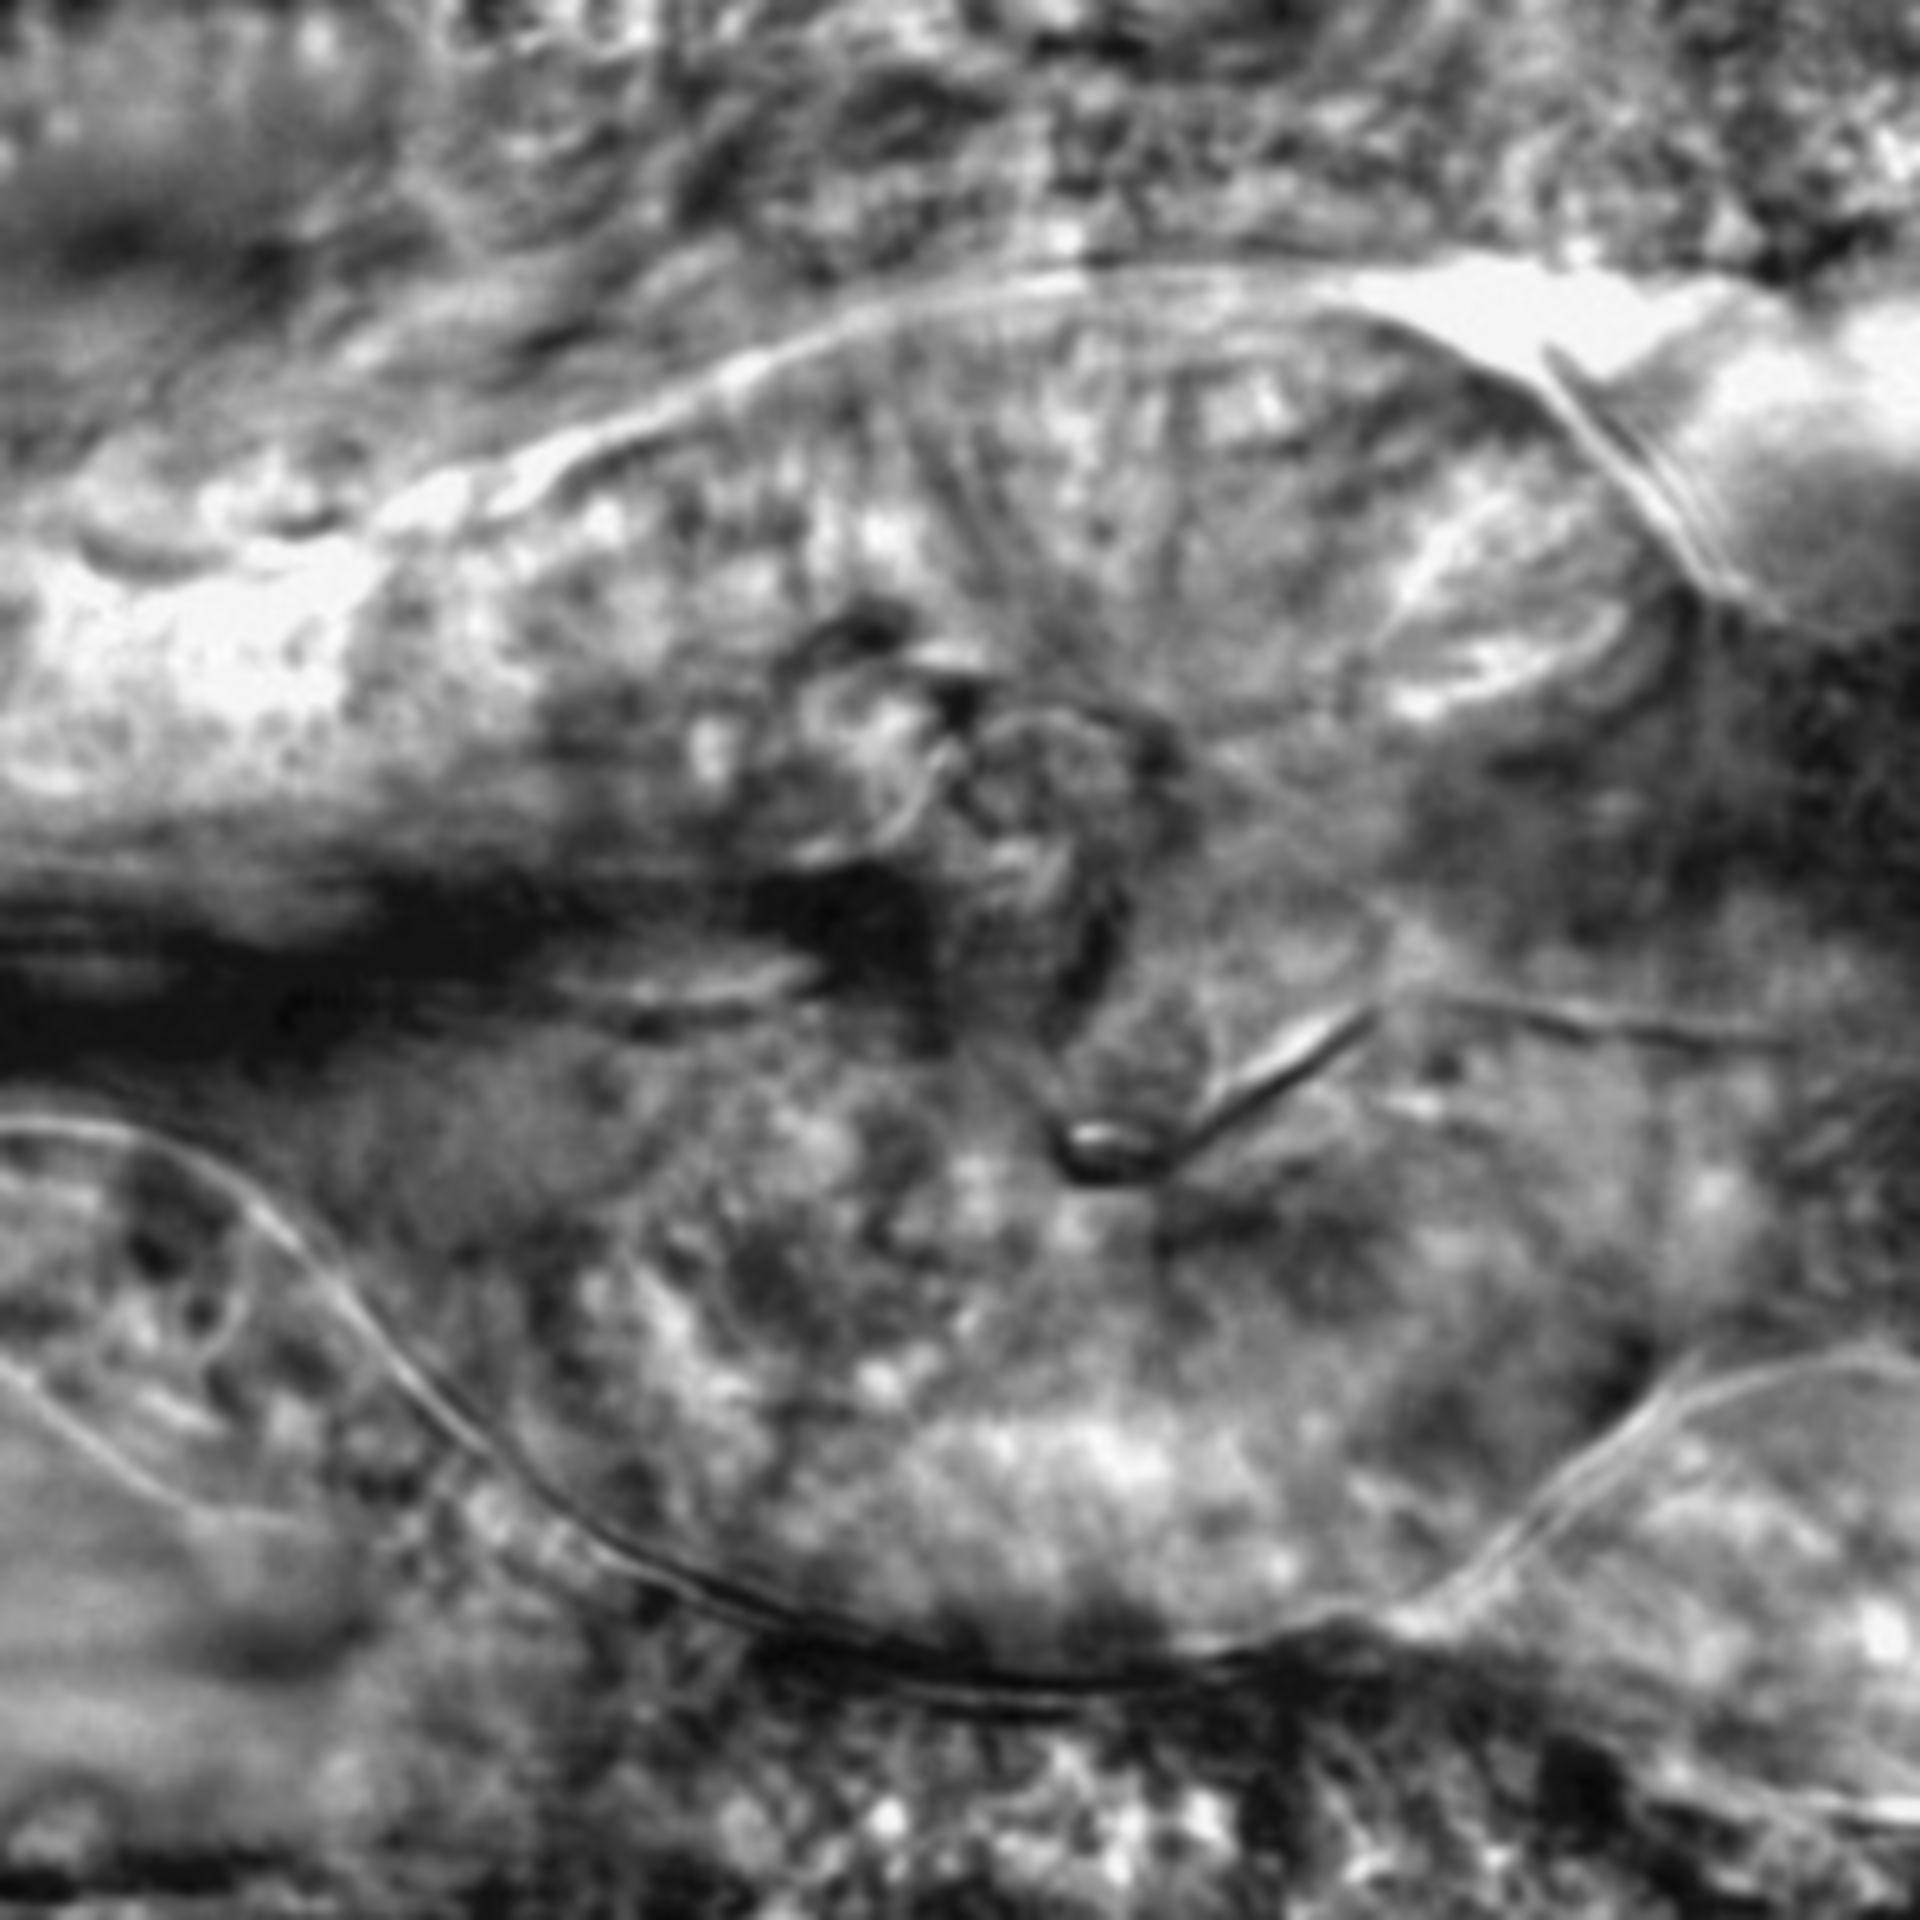 Caenorhabditis elegans - CIL:2781